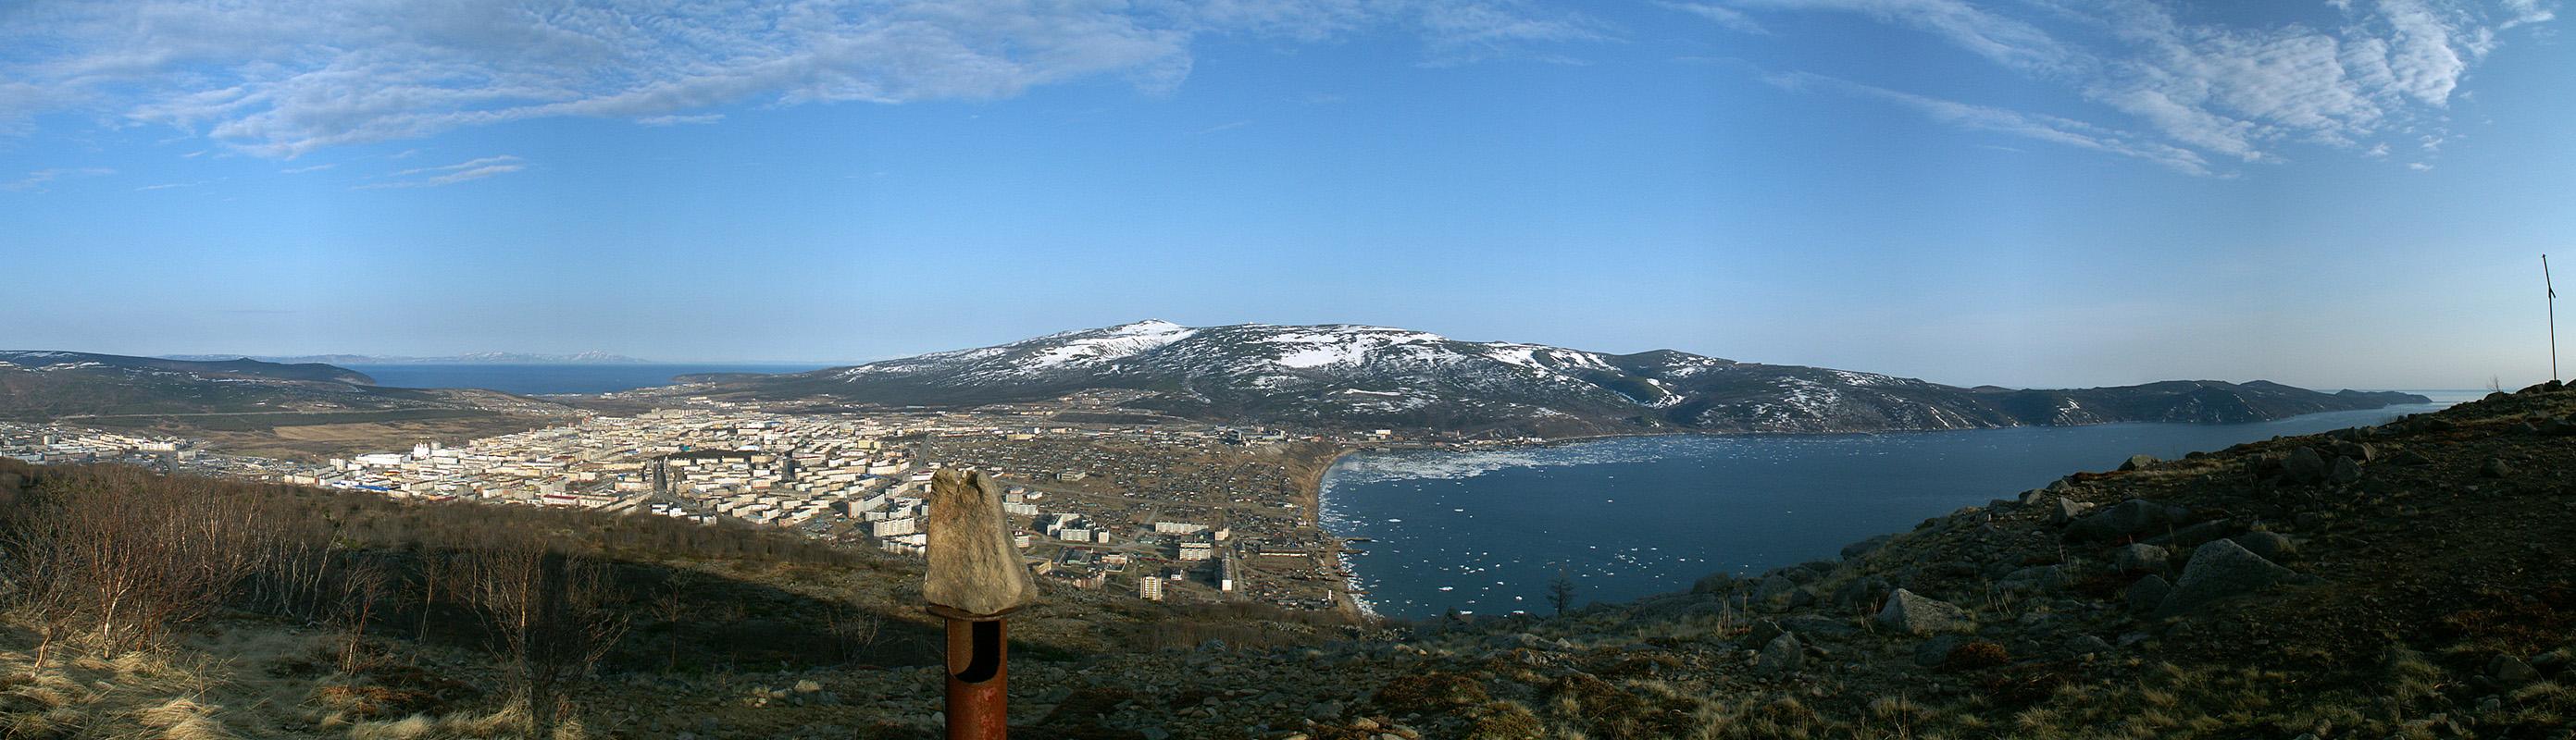 panoram_054